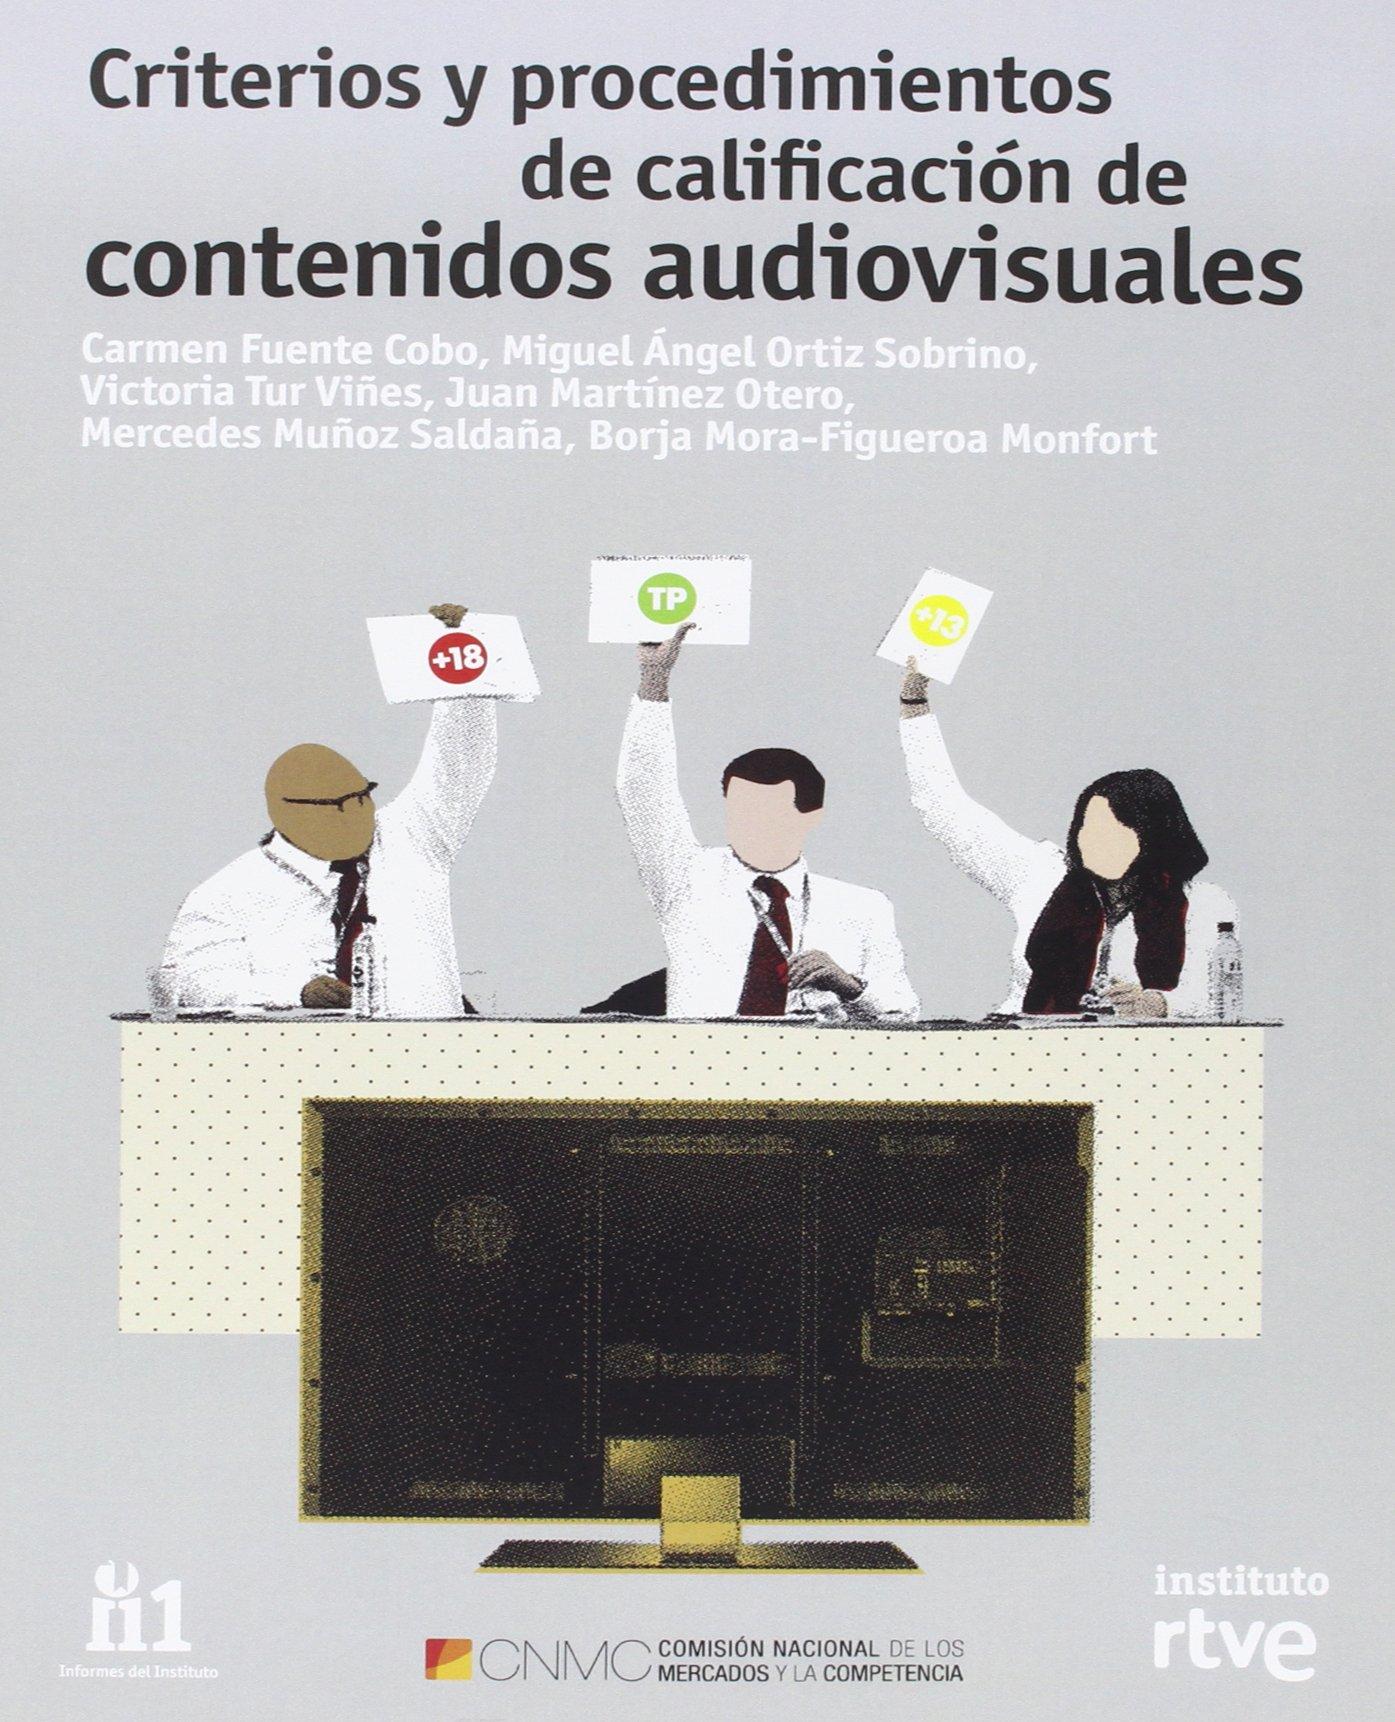 Criterios Y Procedimientos De Calificación De Contenidos Audiovisuales Informes del Instituto RTVE: Amazon.es: Aa.Vv.: Libros